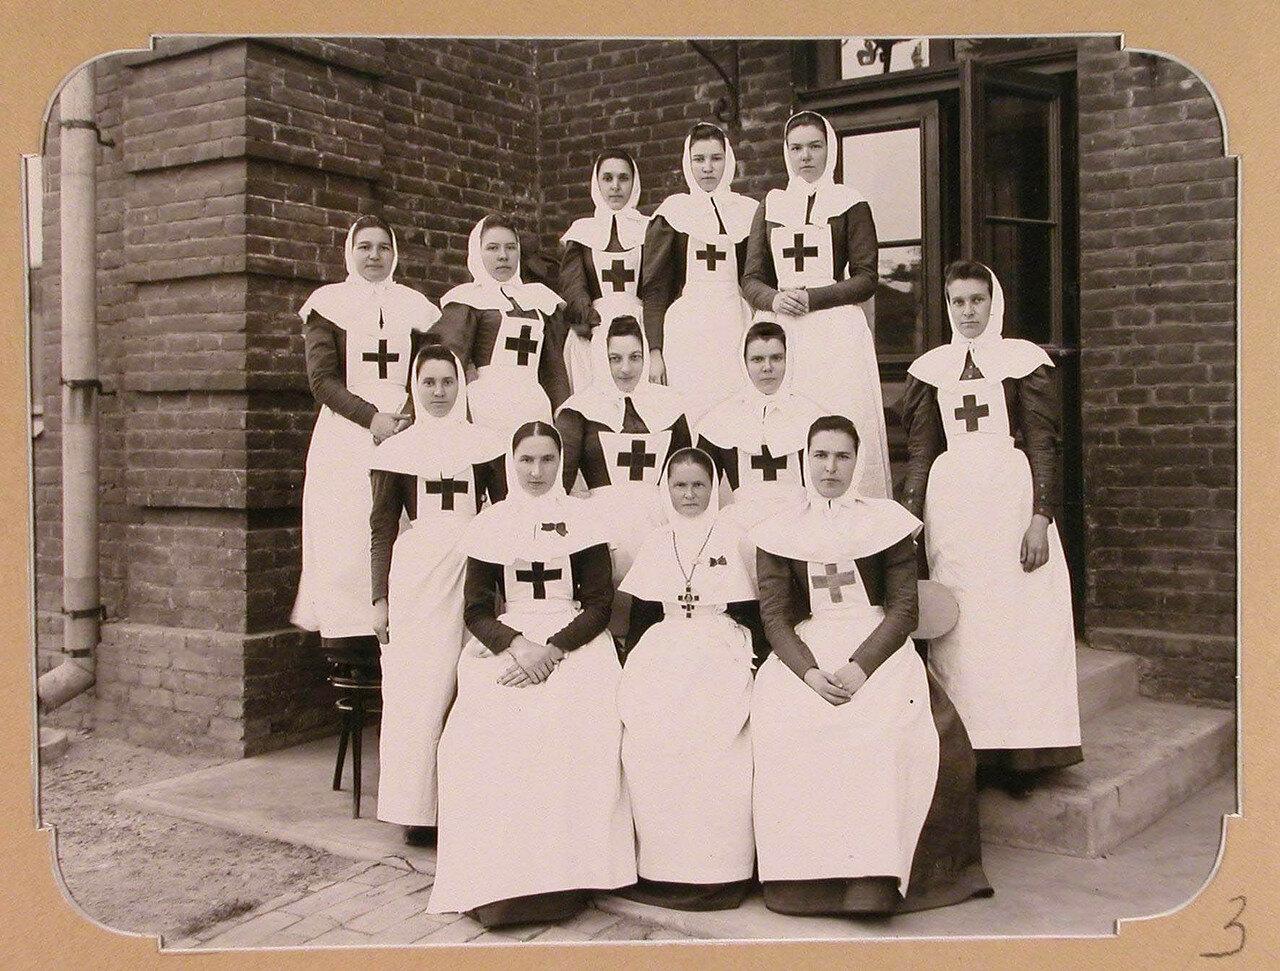 03. Отряд сестер милосердия из Москвы, предназначенный для плавучего госпиталя, организованного на пароходе «Царица». Одесса. 1900